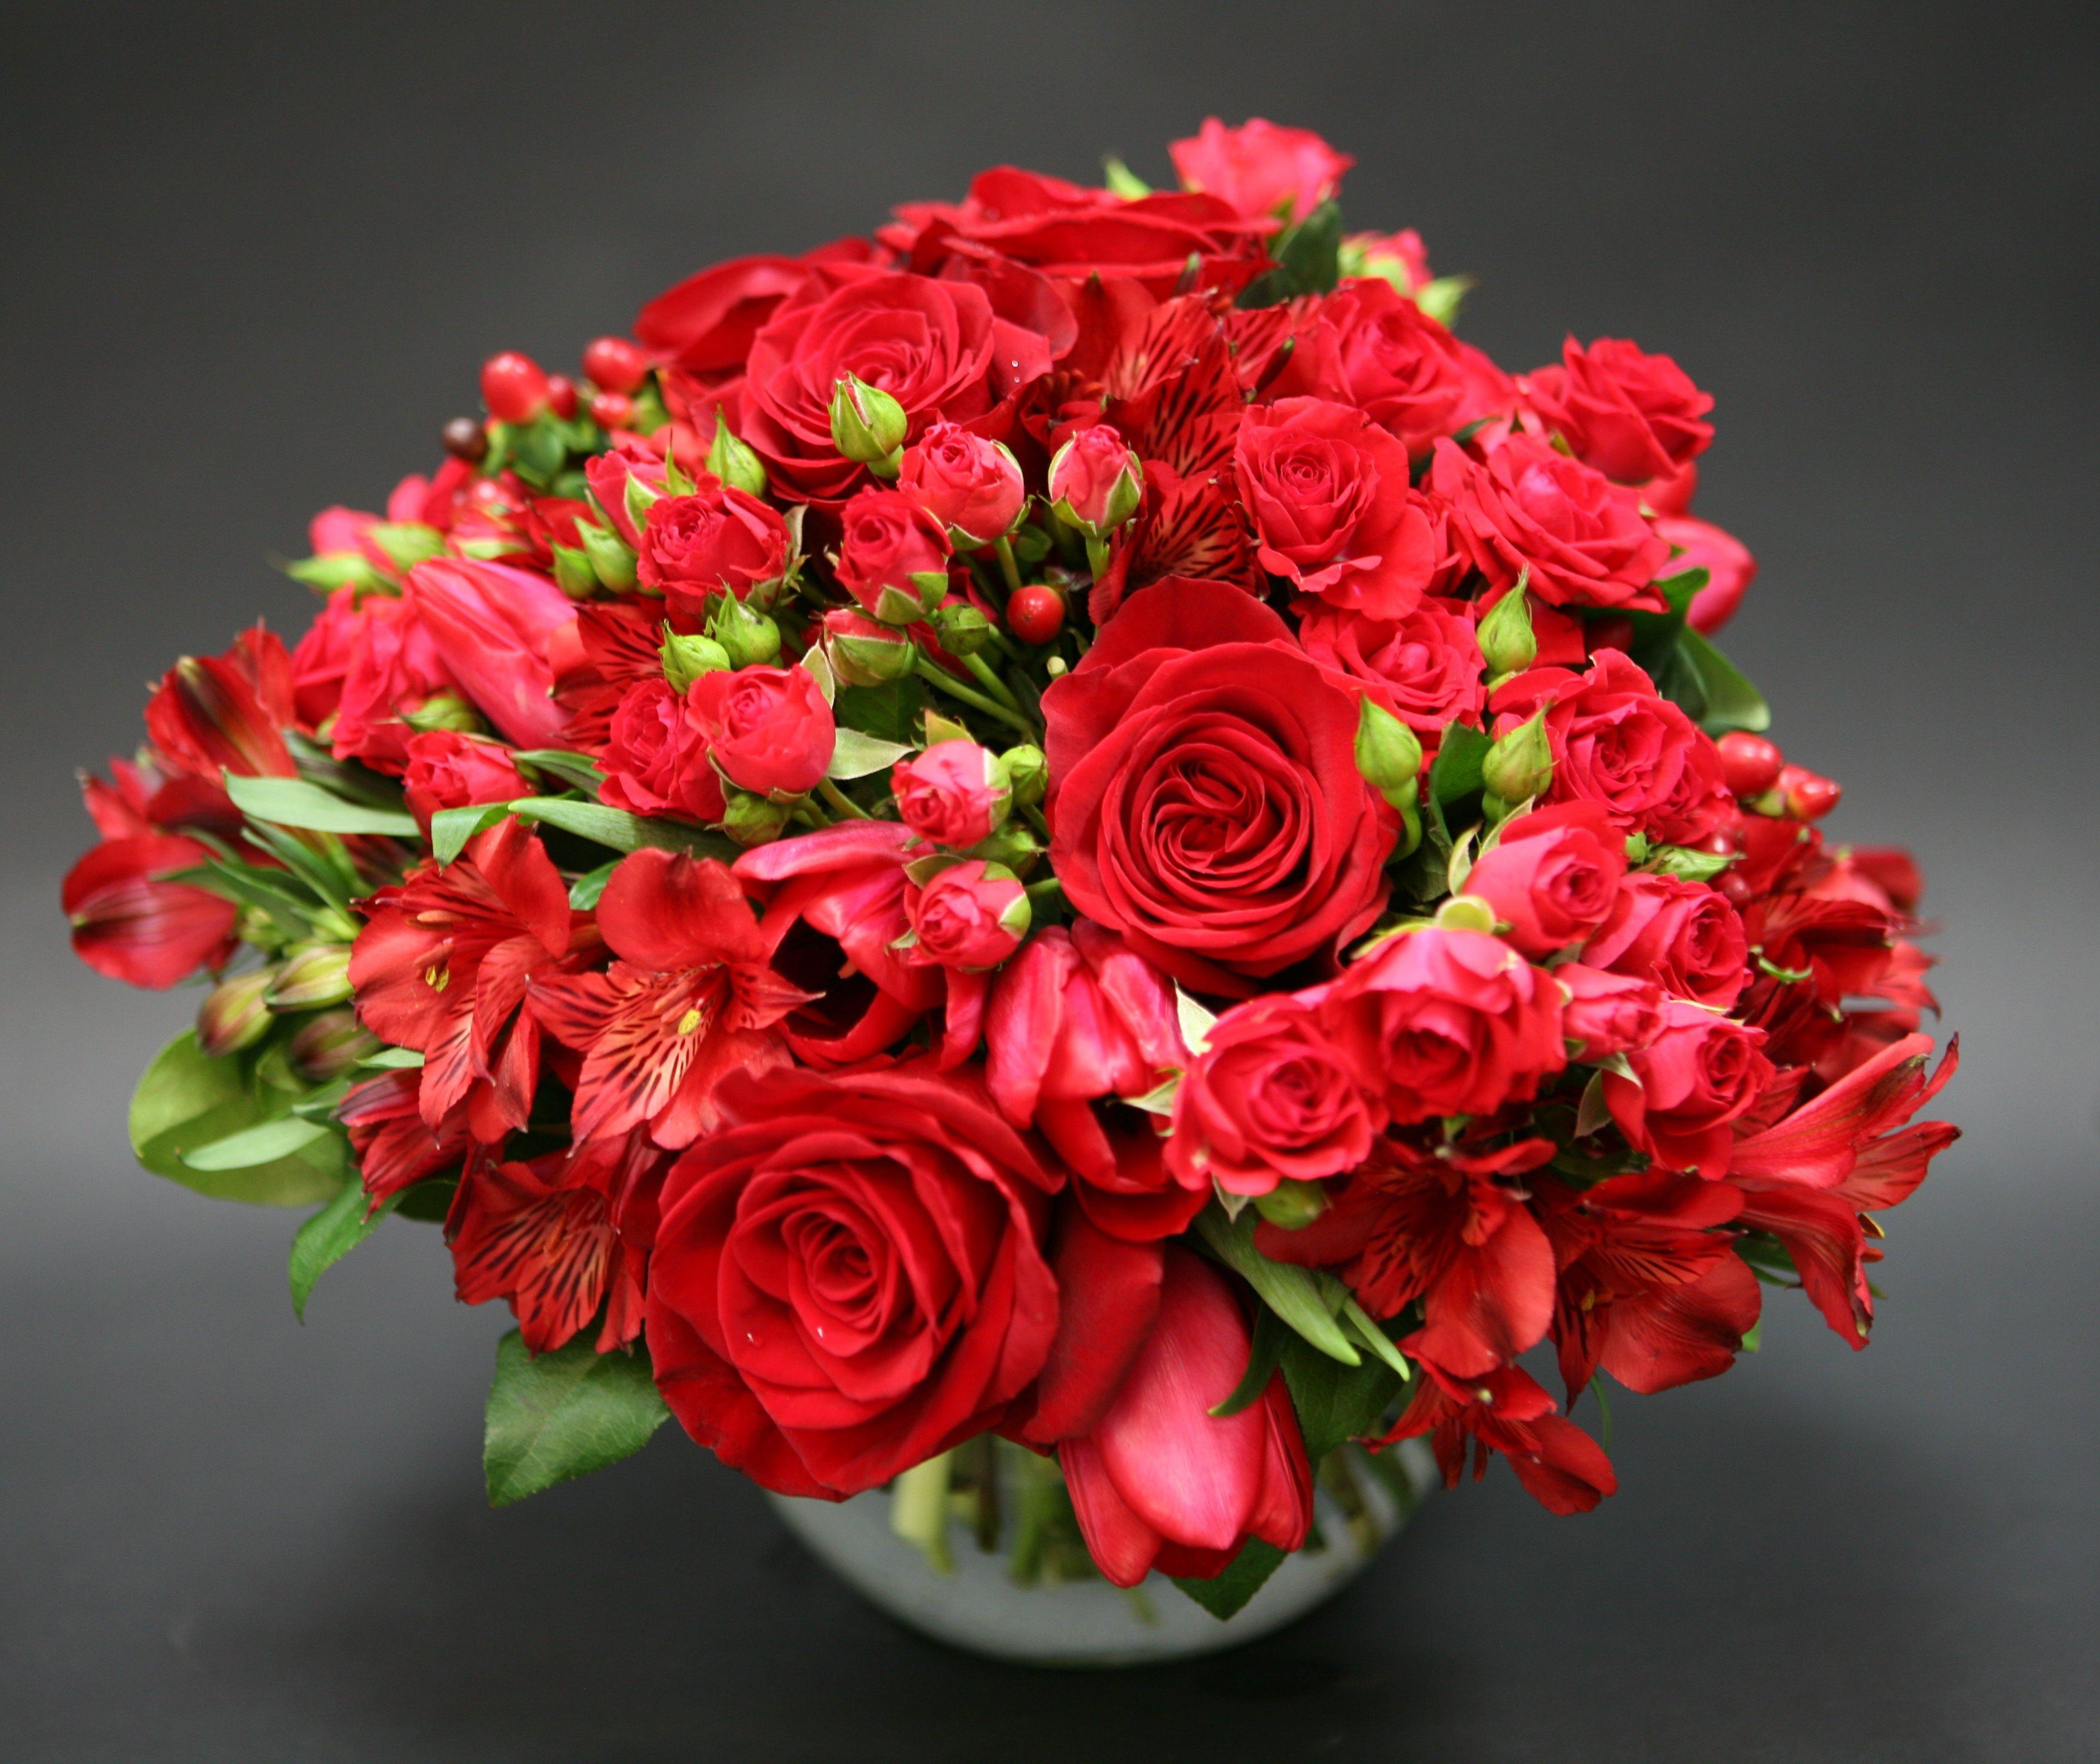 красивые цветы картинка